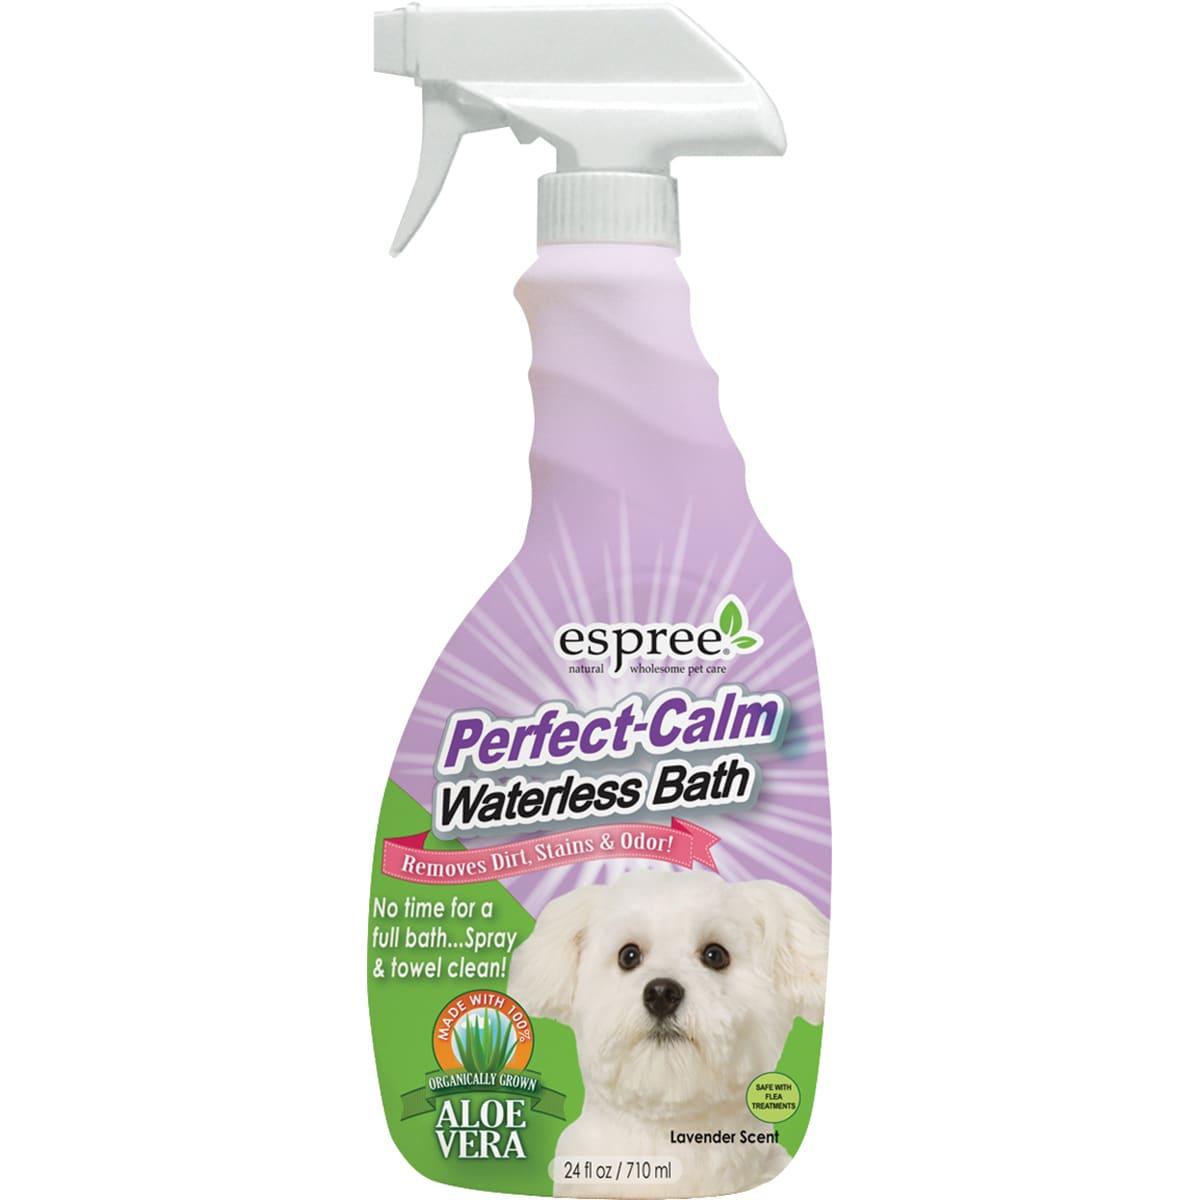 ESPREE Perfact Calm Waterless Bath 24fl Oz (Lavender (Pur...